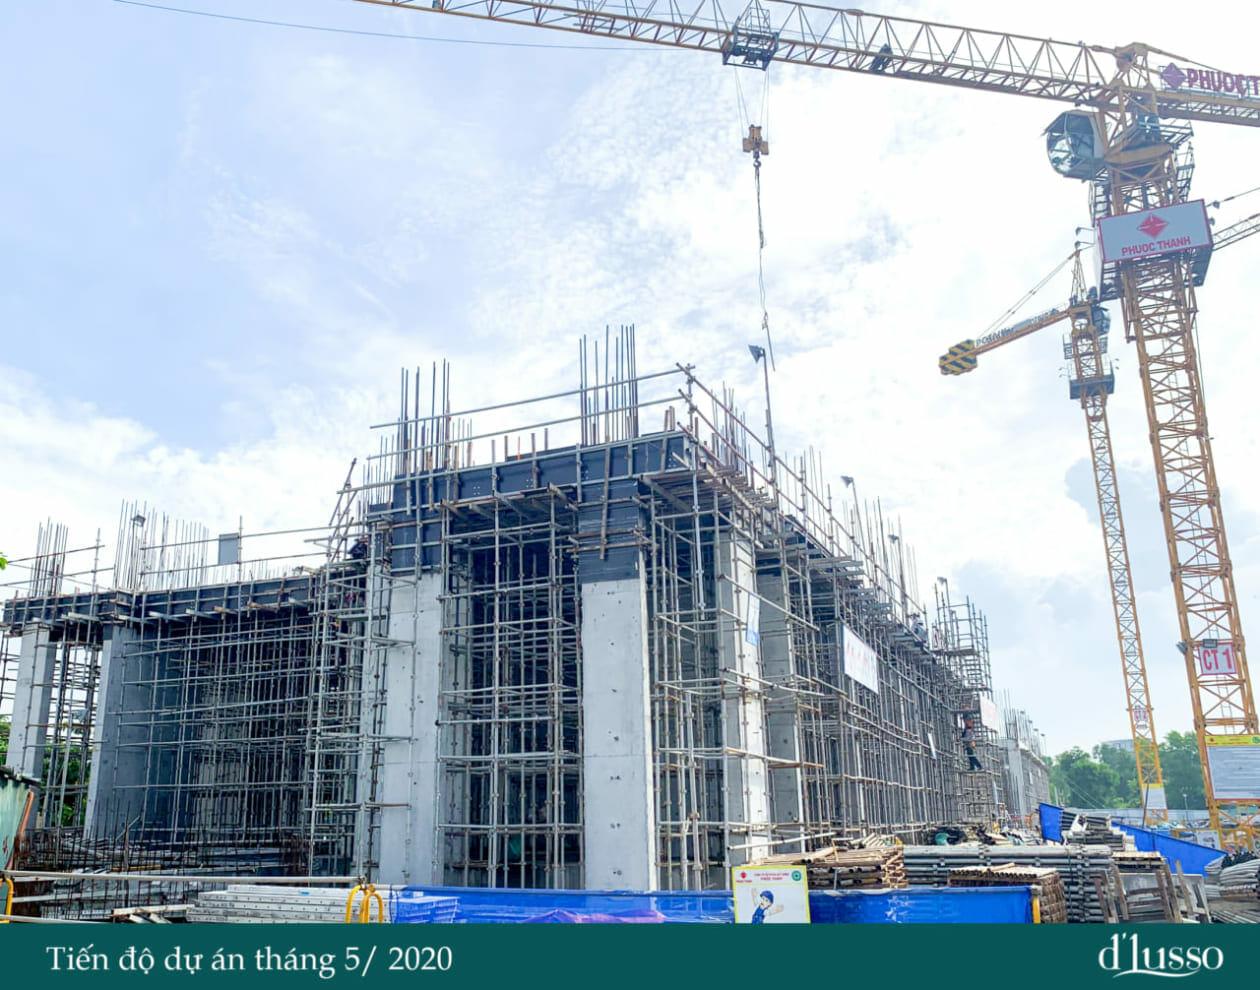 Tiến độ thi công cuối tháng 5 của dự án căn hộ Quận 2 d'lusso